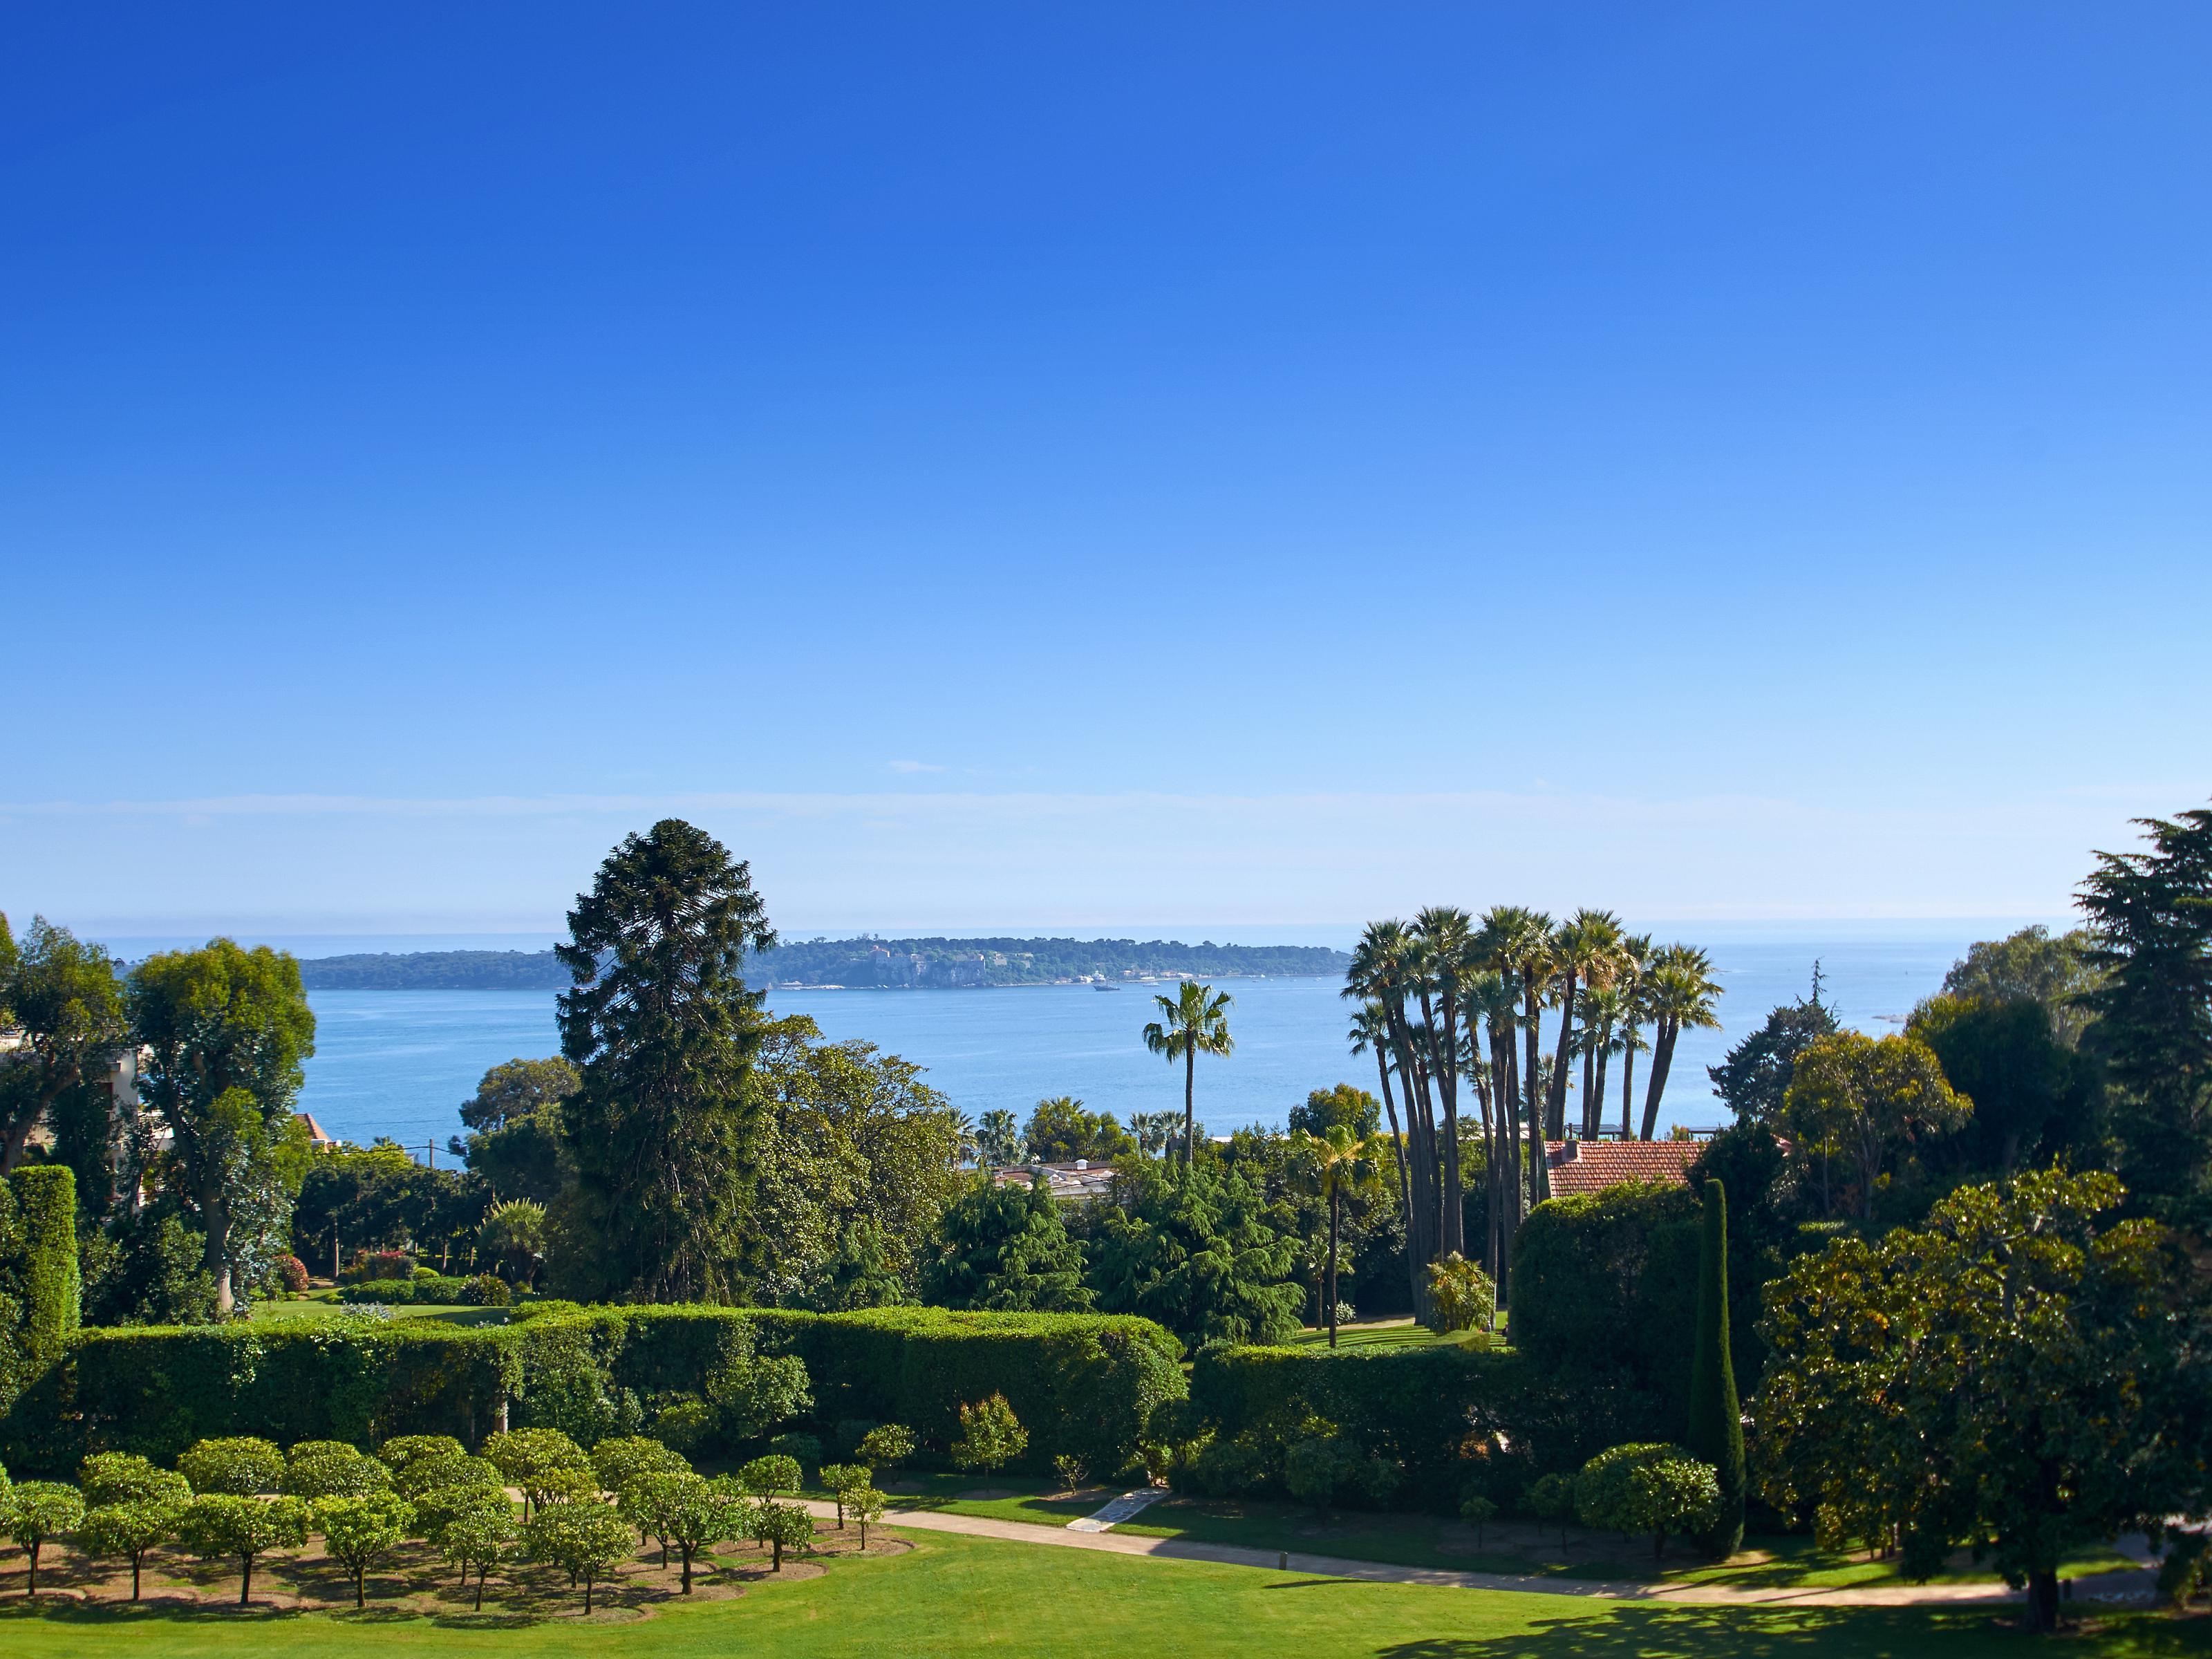 Apartamento para Venda às 4 roomed apartment with sea views - Cannes Californie Cannes, Provença-Alpes-Costa Azul 06400 França